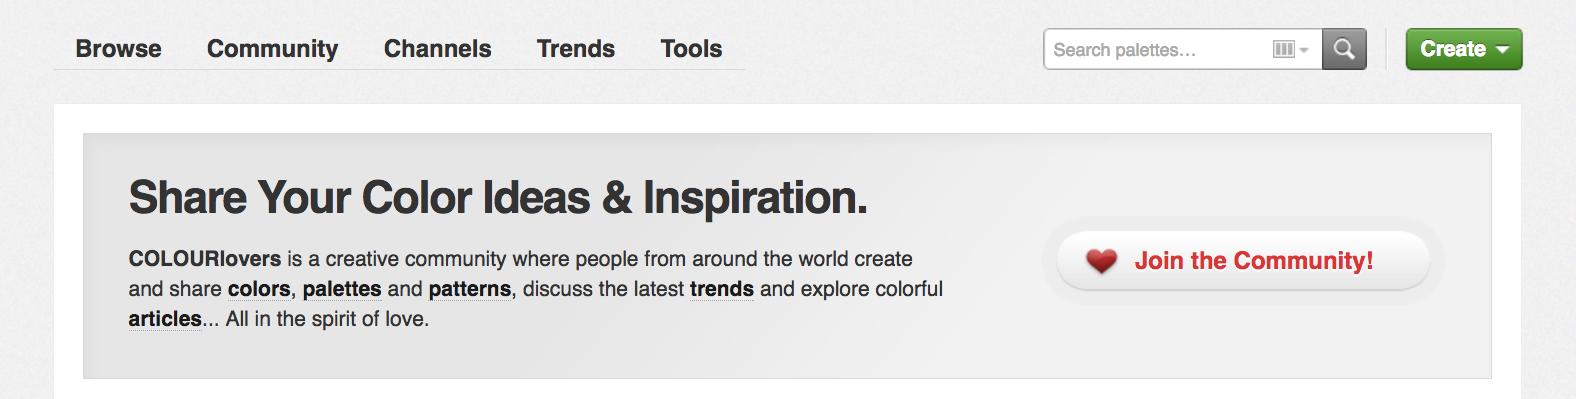 Las mejores paletas de colores para sitios web para mejorar el compromiso (2020) - 1630939773 388 Las mejores paletas de colores para sitios web para mejorar